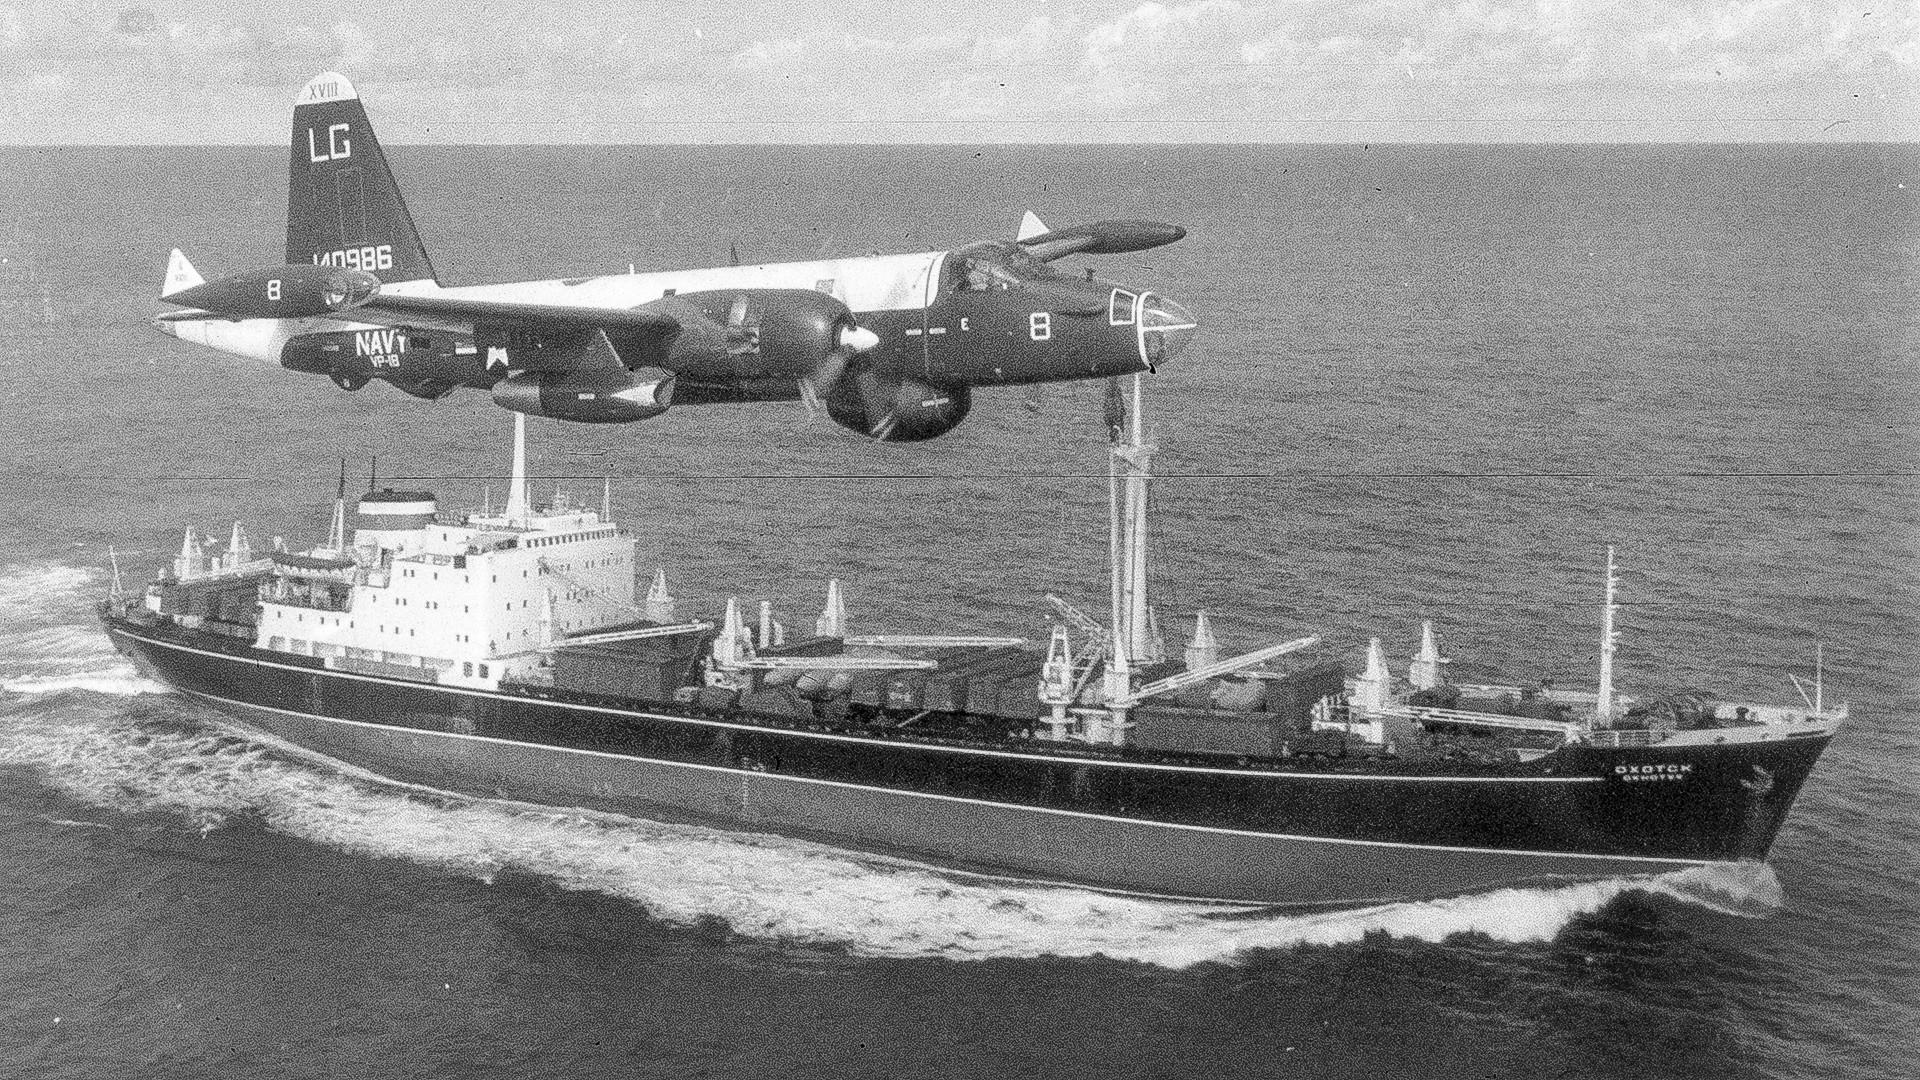 """Амерички патролни авион P2V """"Нептун"""" лети изнад совјетског теретног брода за време Кубанске ракетне кризе, 1962."""